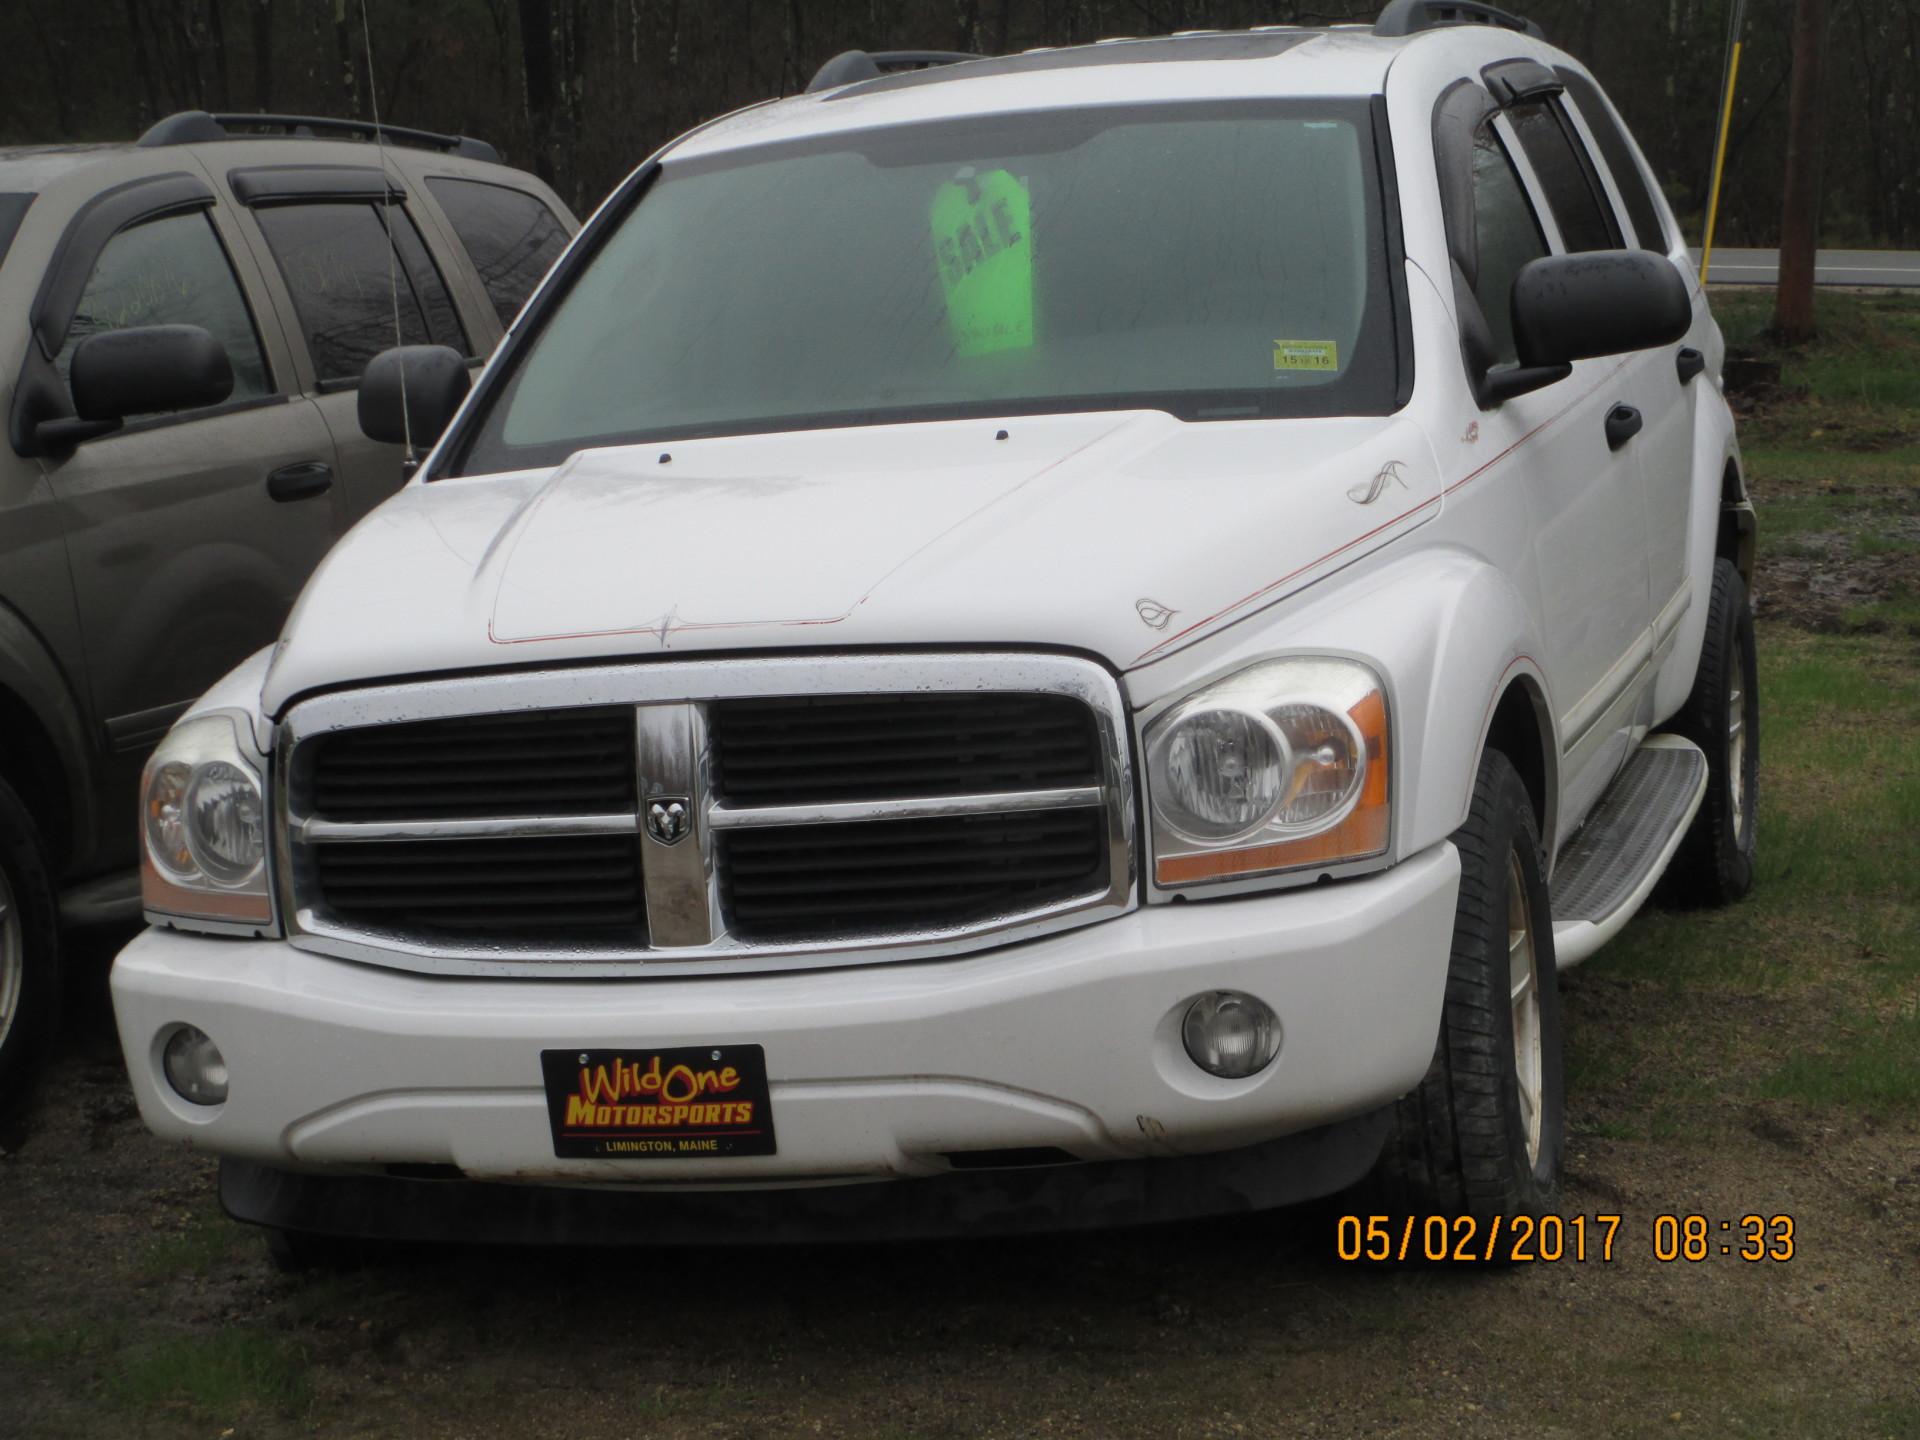 2004 Dodge Durango - White